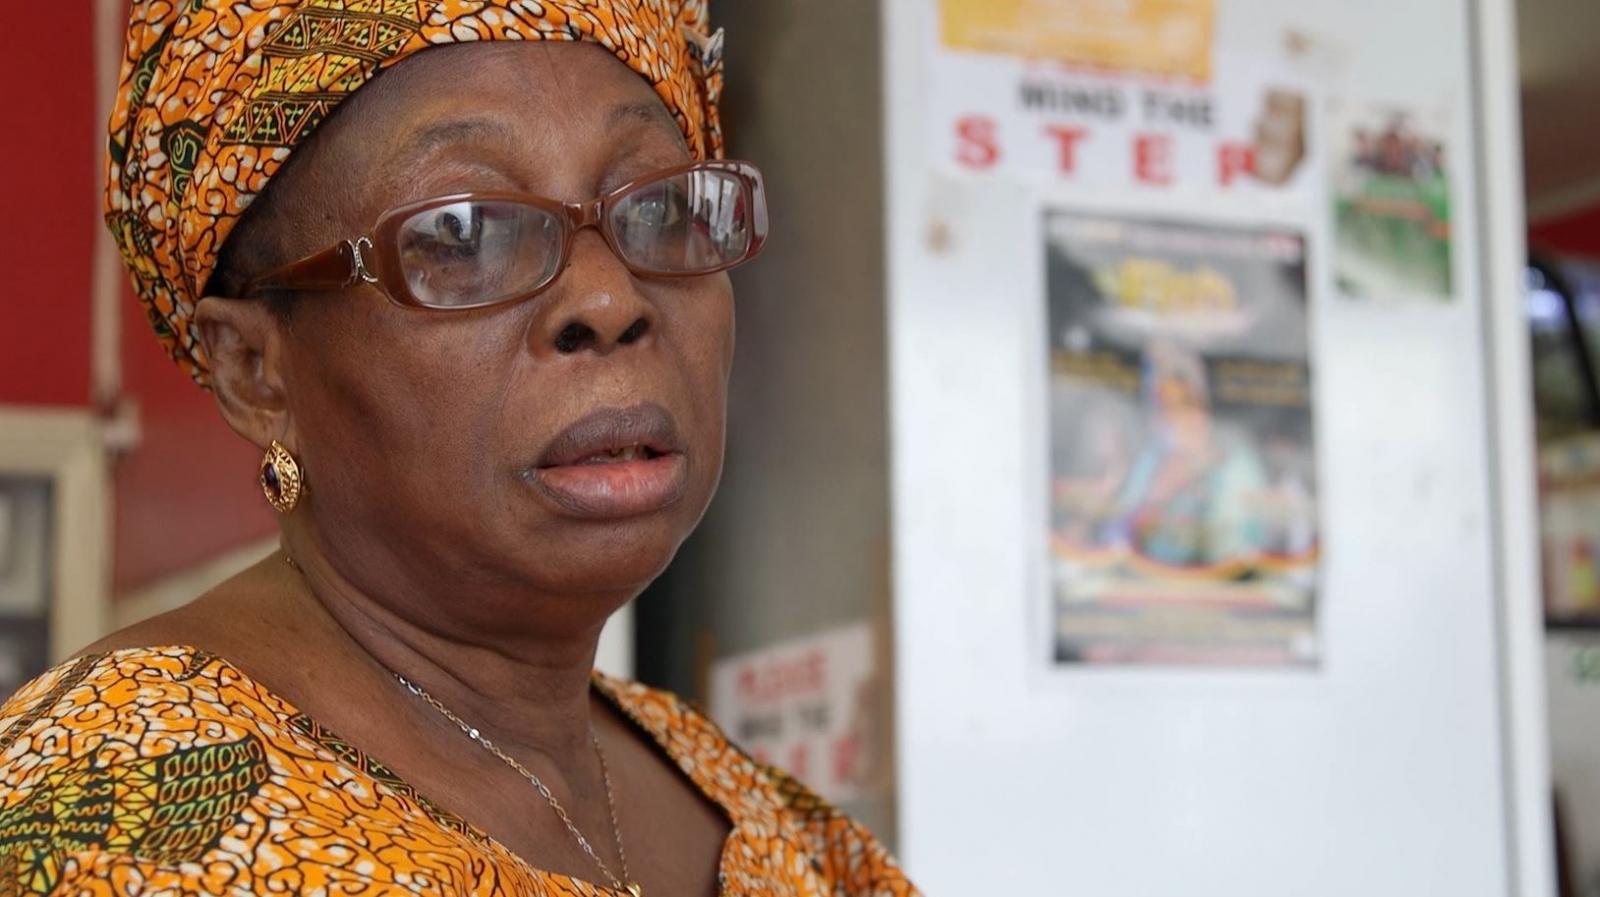 Nigerians react to food ban